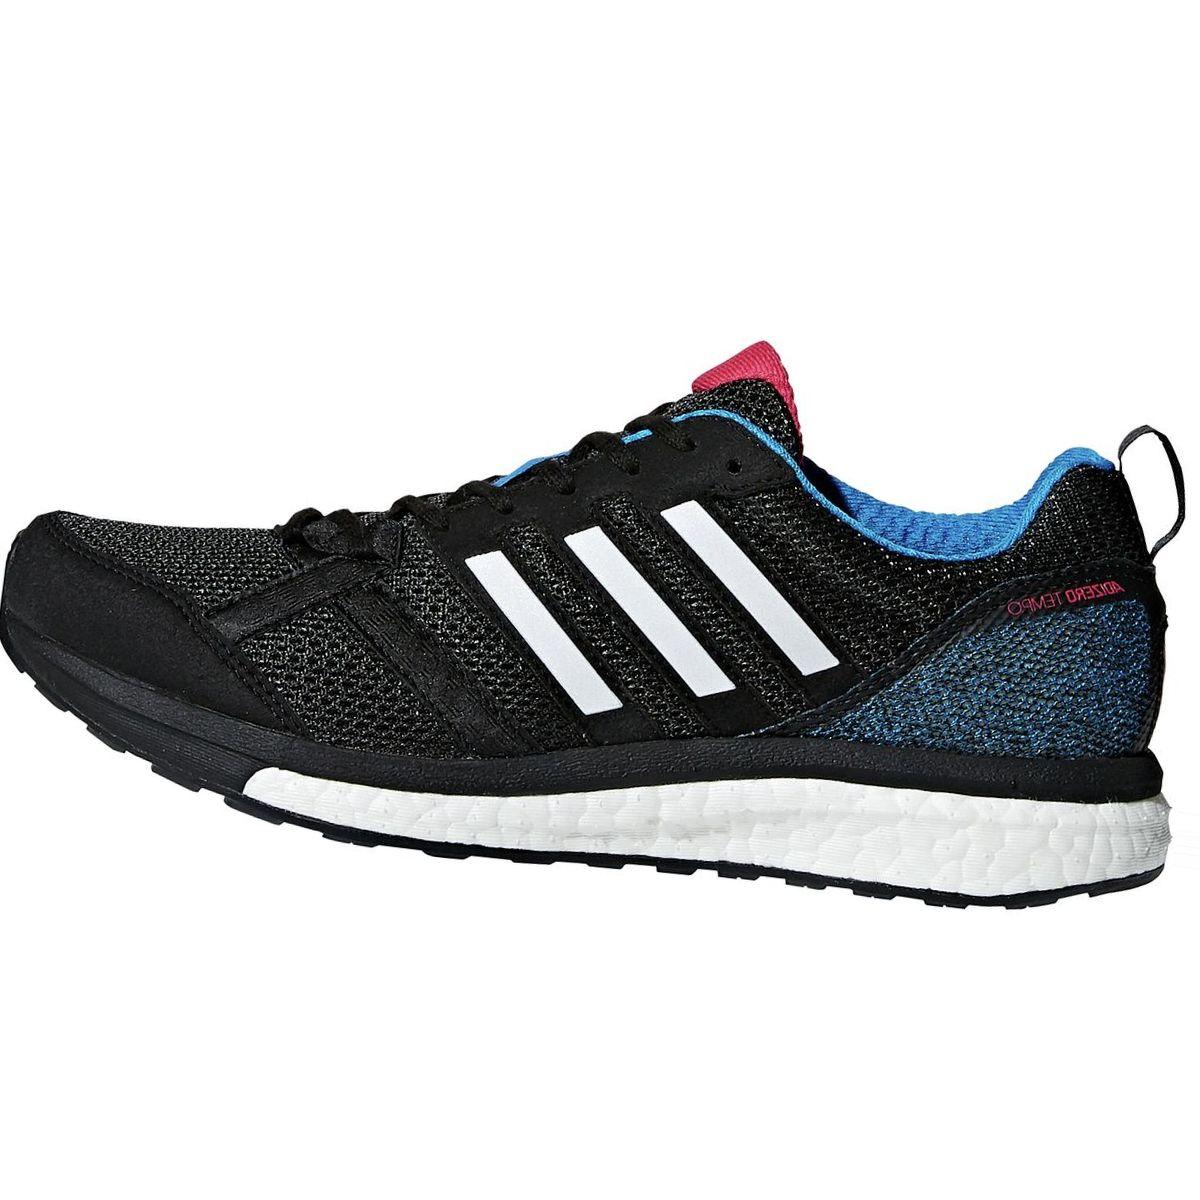 Adidas Adizero Tempo 9 Running Shoe - Women's